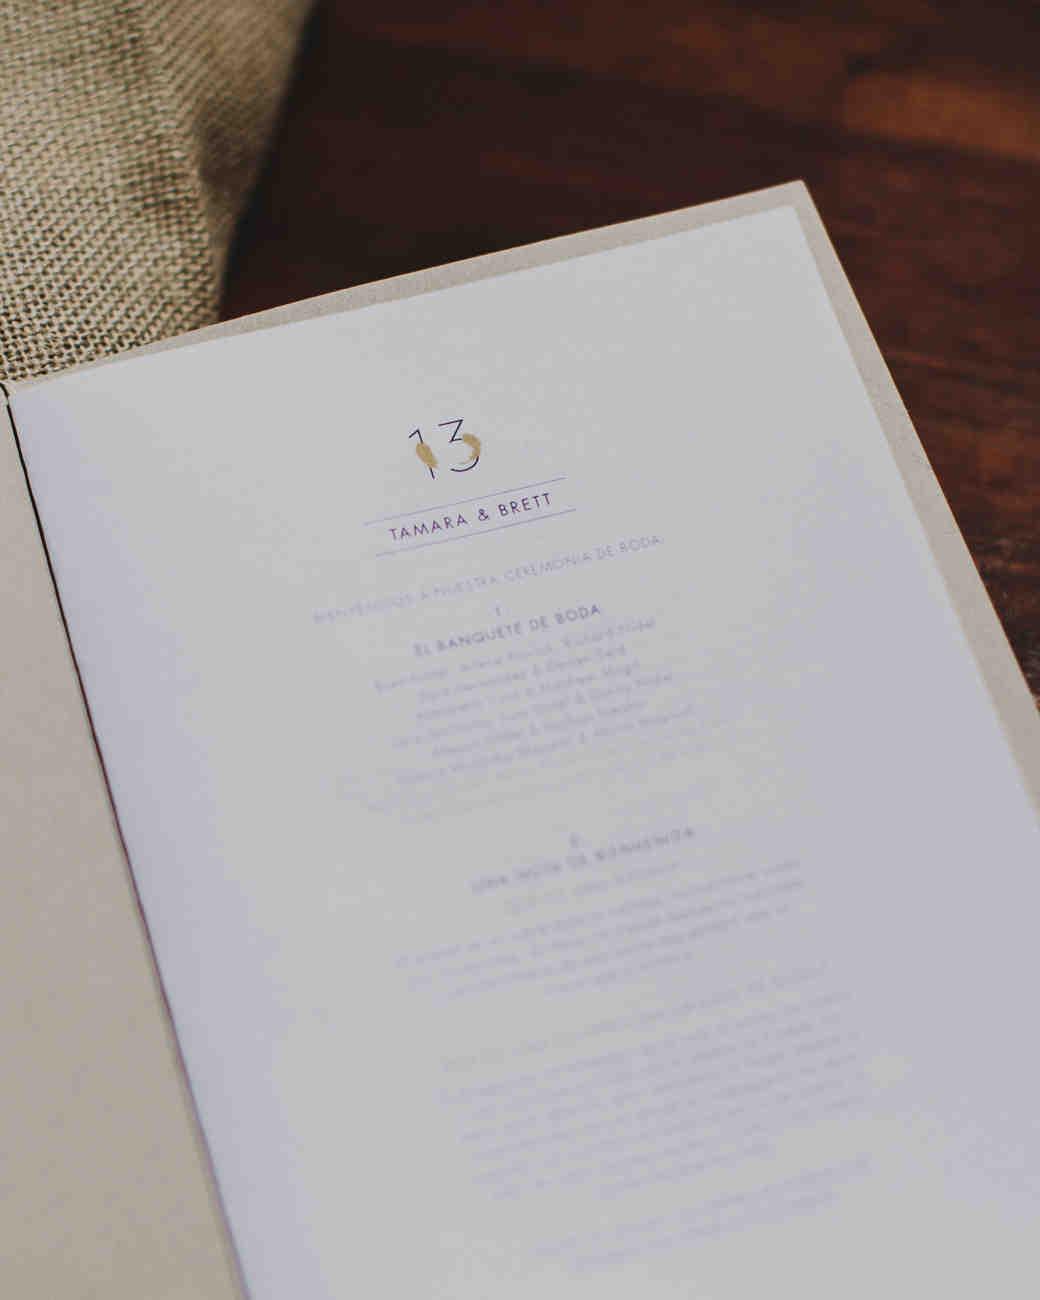 tamara-brett-wedding-programs-0150-s112120-0915.jpg